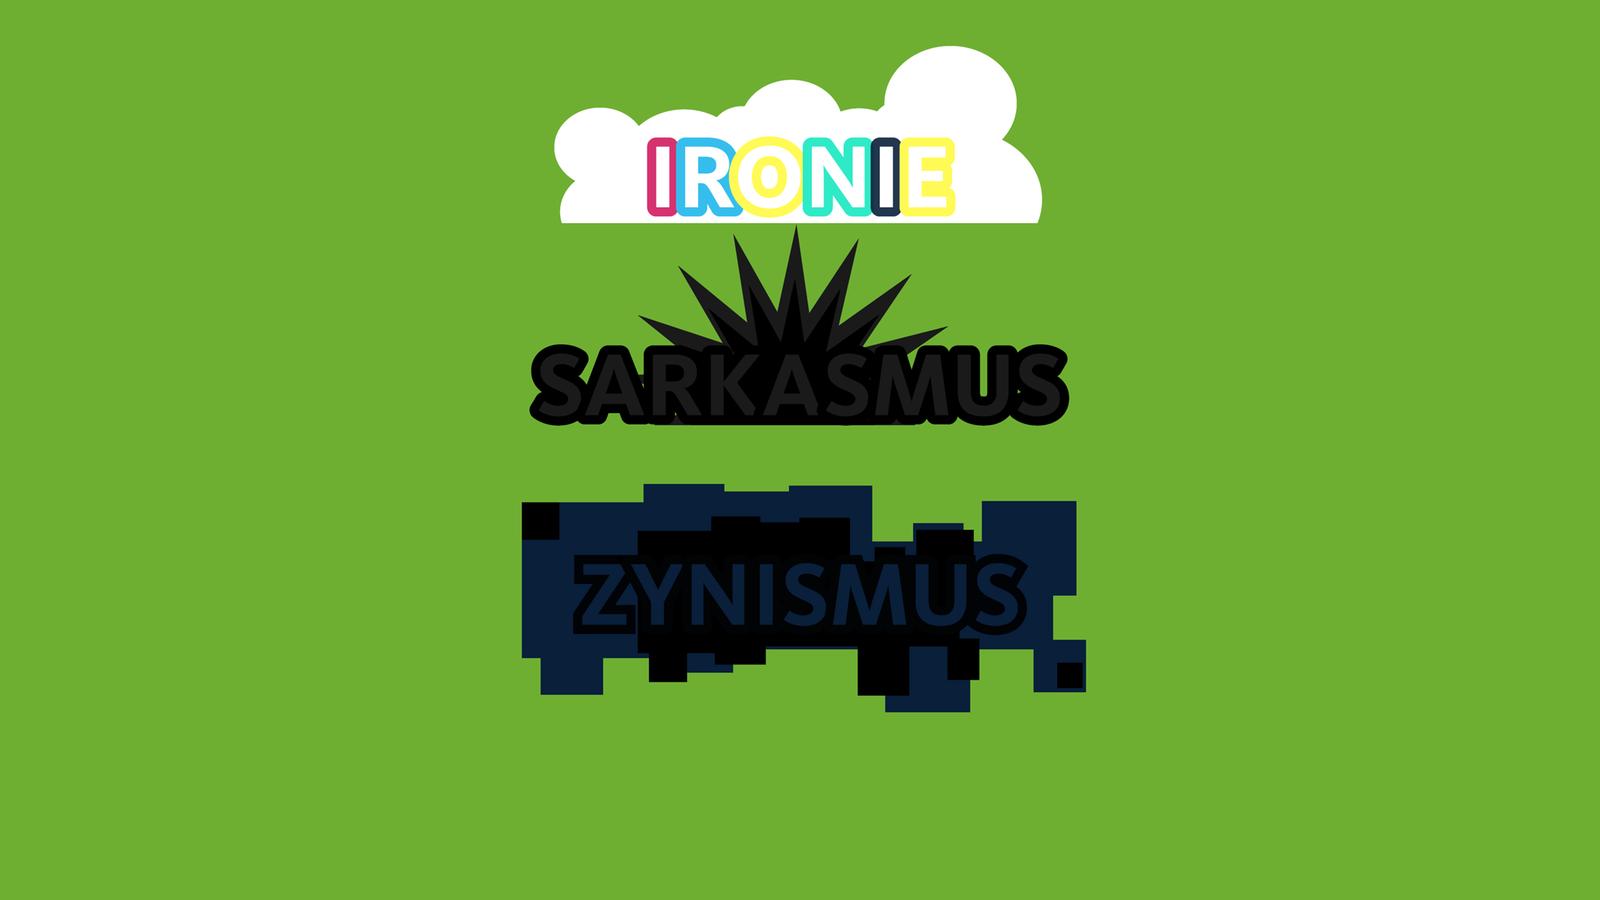 Ironie, Sarkasmus & Zynismus - WDR 5 Tiemanns Wortgeflecht